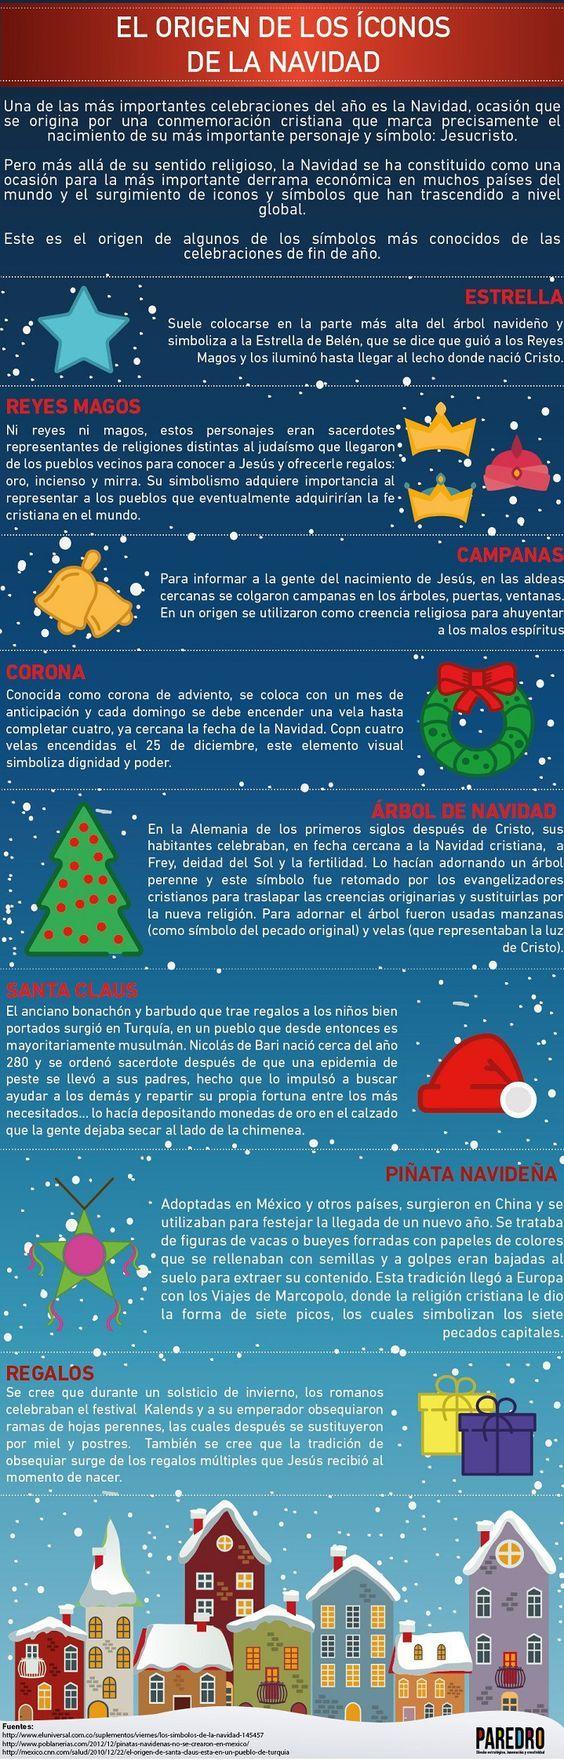 Transcripción ,guía didáctica y actividades interactivas   UNIDAD sobre la NAVIDAD Costumbres navideñas aquí y allá  Rutaele_volvemos-a-casa-por-navidad_b1 CRUCIGRAMADE LA NA…